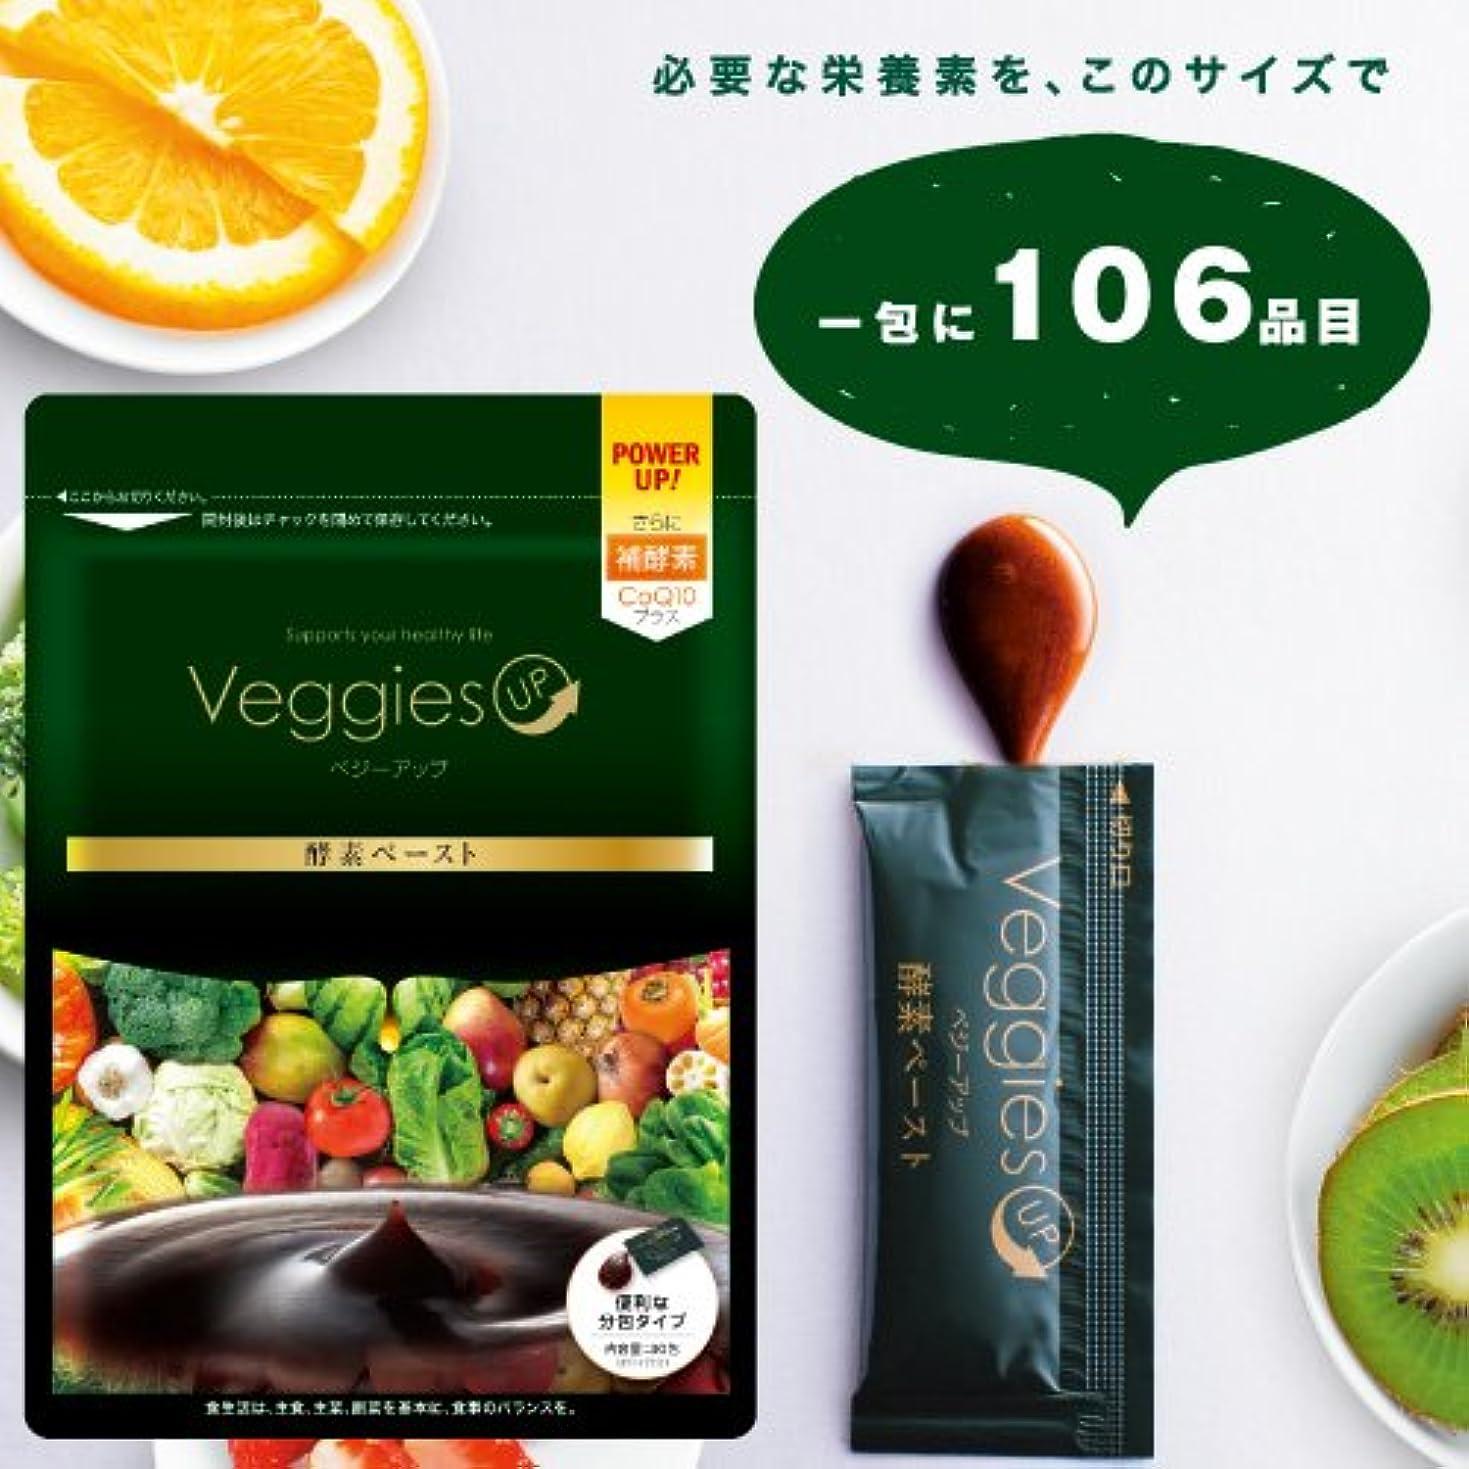 きらきら魔術気質ベジーアップ酵素ペースト 90g [3g×30包] ダイエット オリゴ糖 イヌリン コエンザイムQ10 黒ウコン 健康